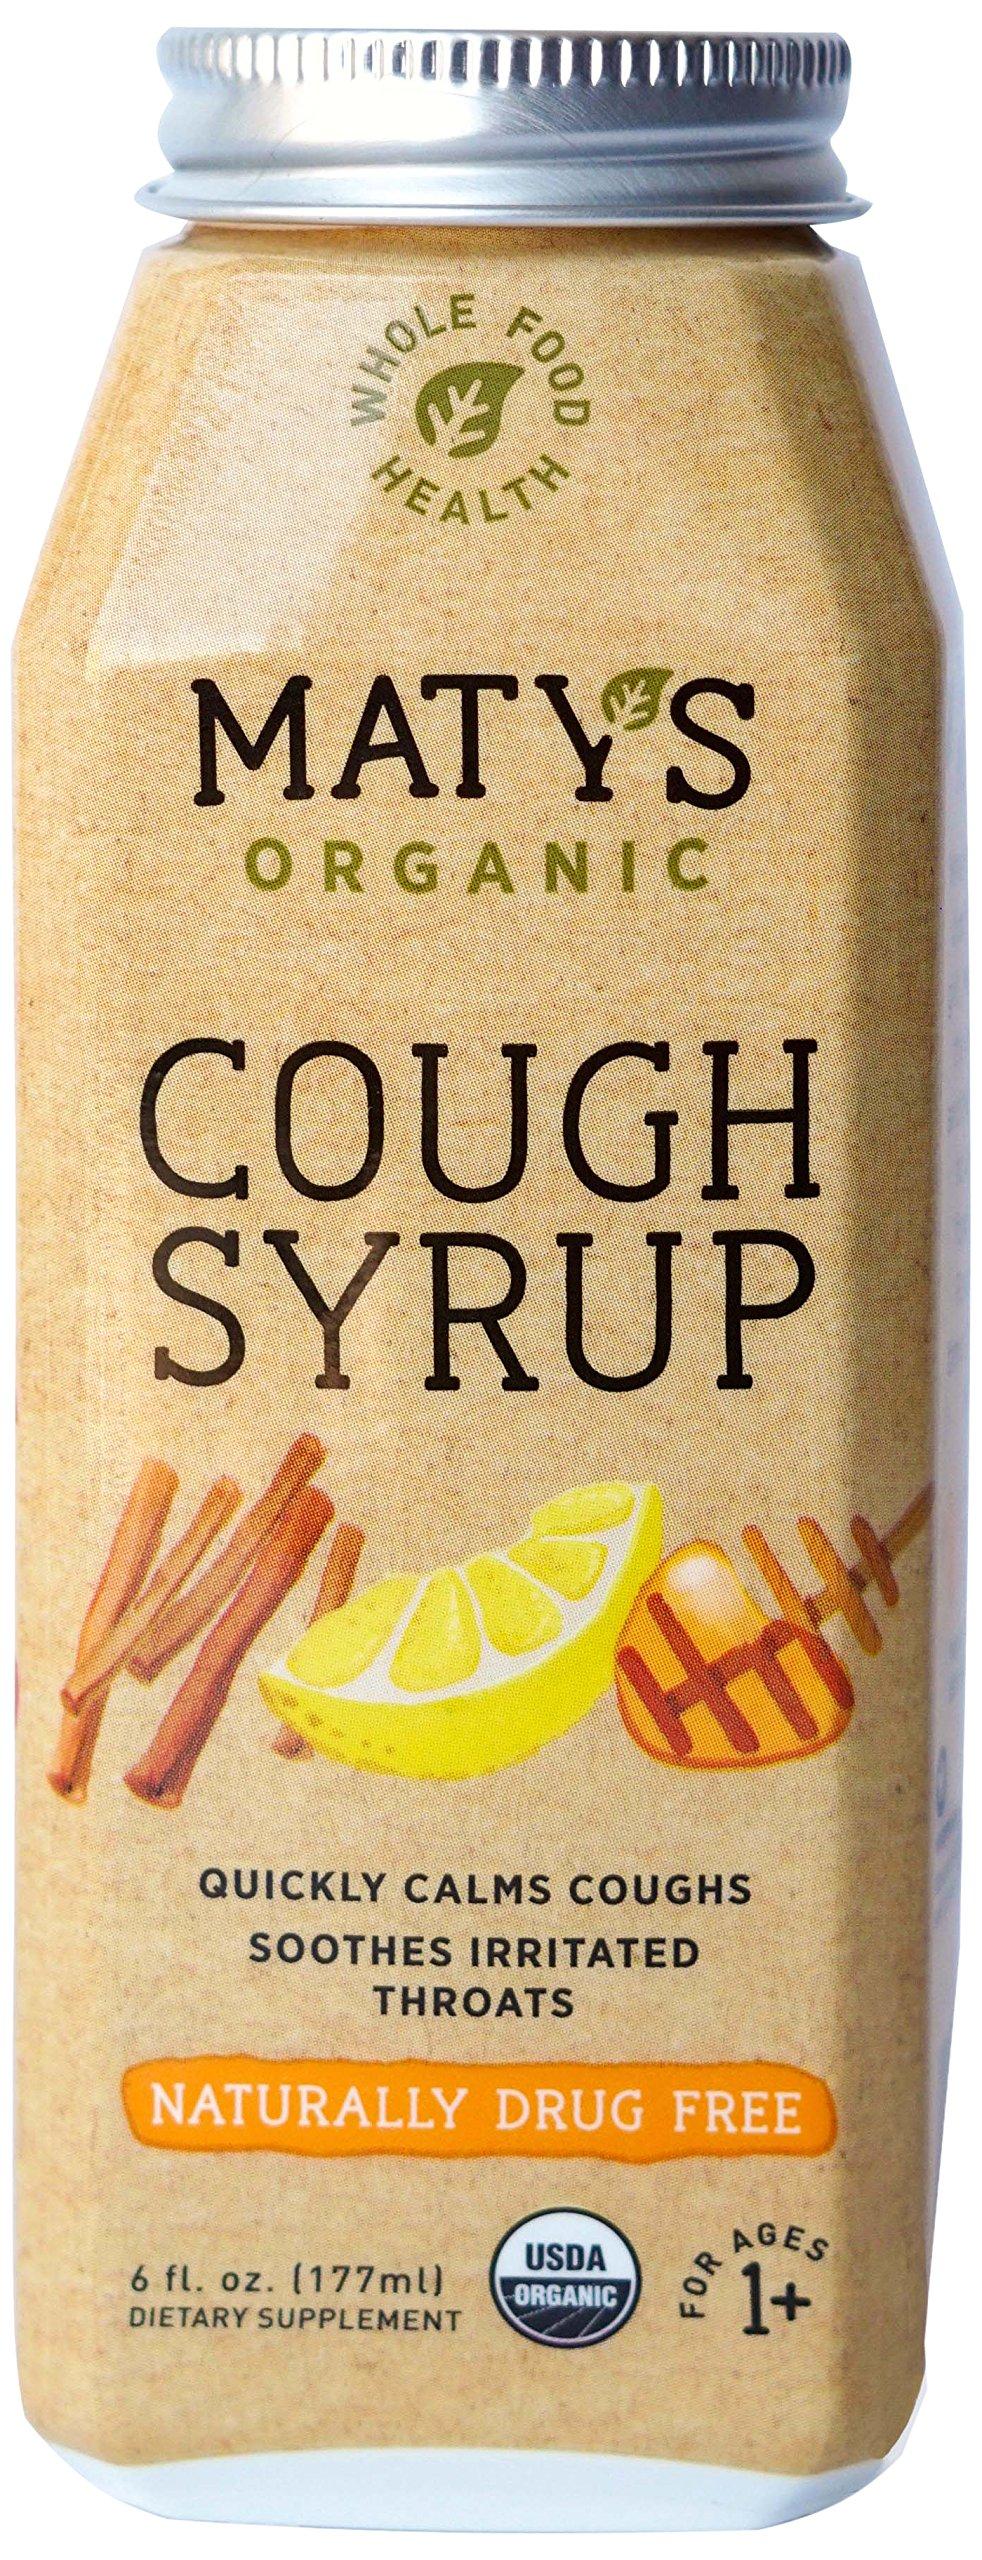 Matys Organic Cough Syrup, 6 Fluid Ounce